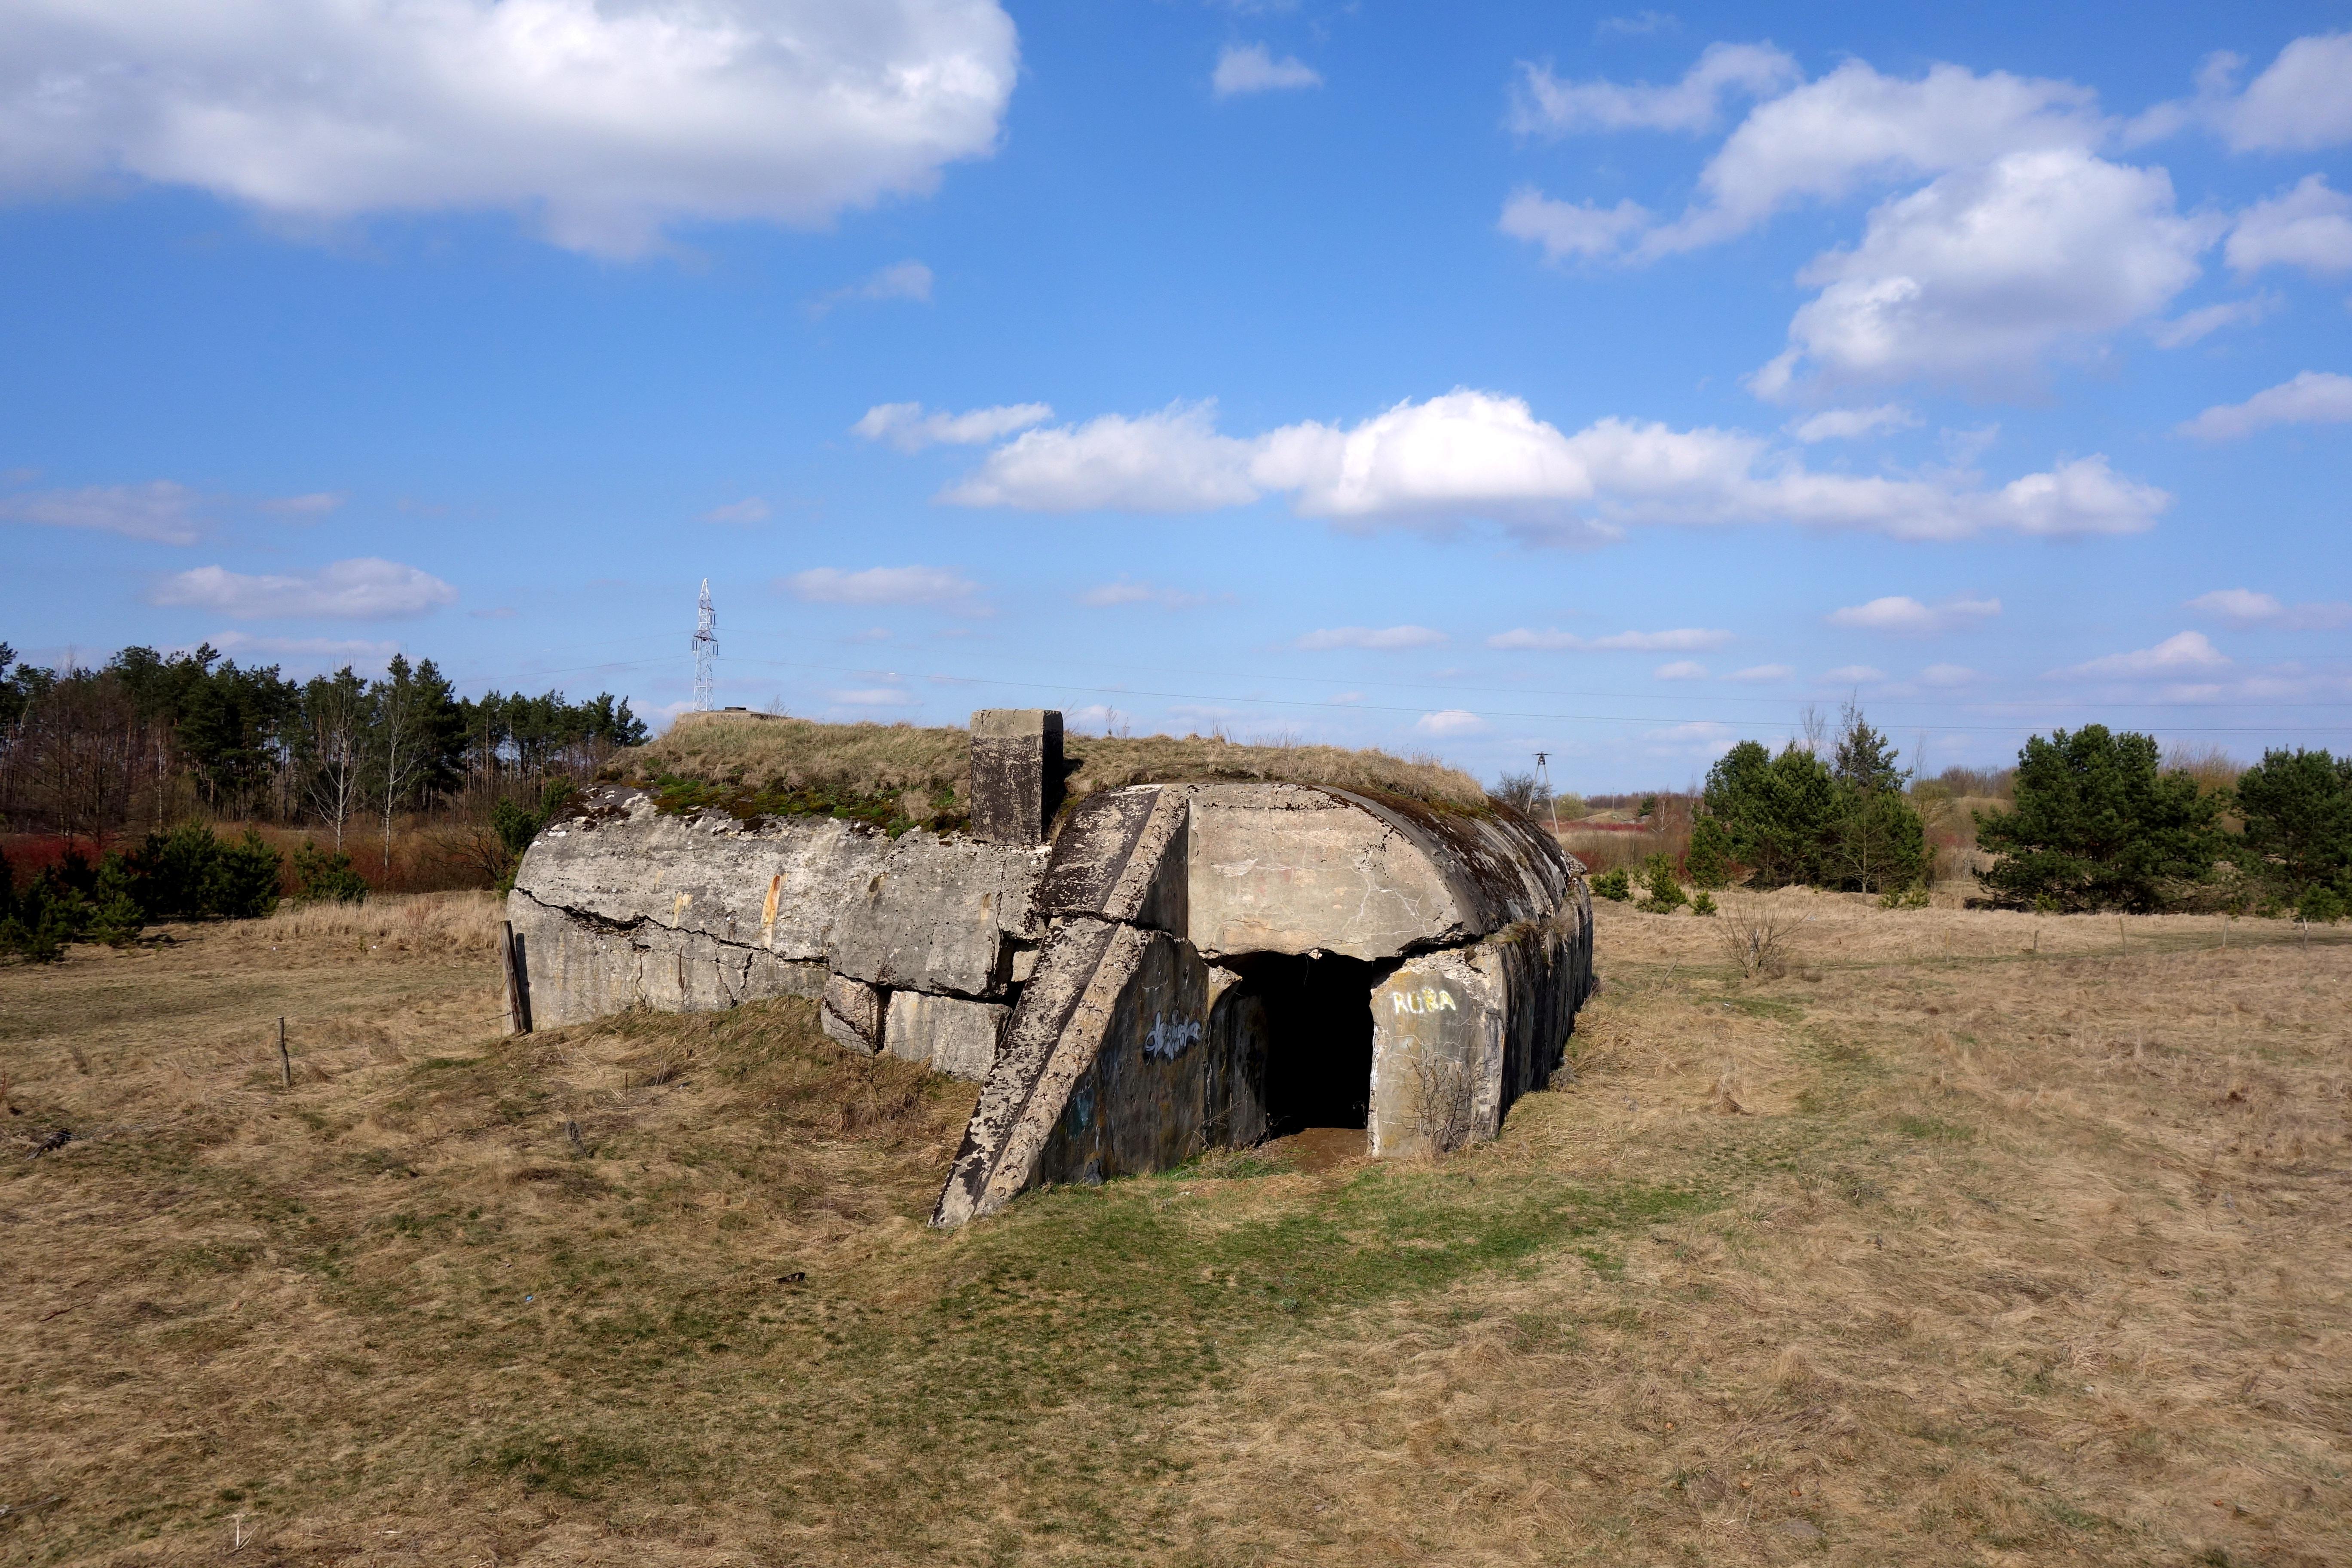 Obiekty militarne w Biebrzańskim Parku Narodowym - trasa edukacyjna Kładka - kładki podlaskie